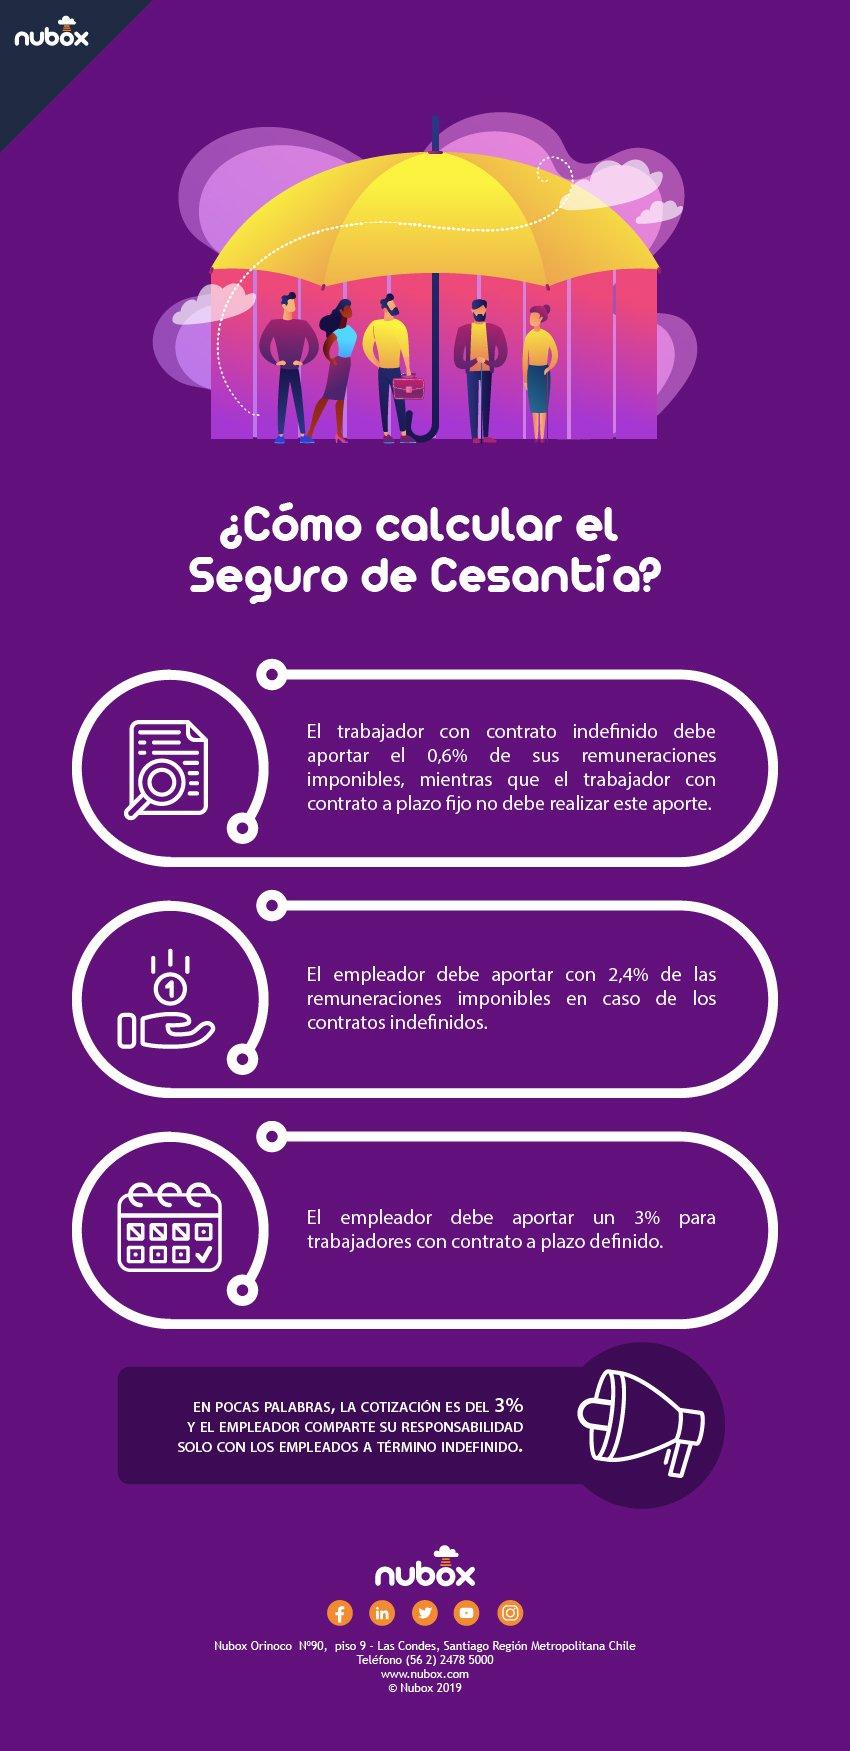 Cómo calcular el seguro de cesantía